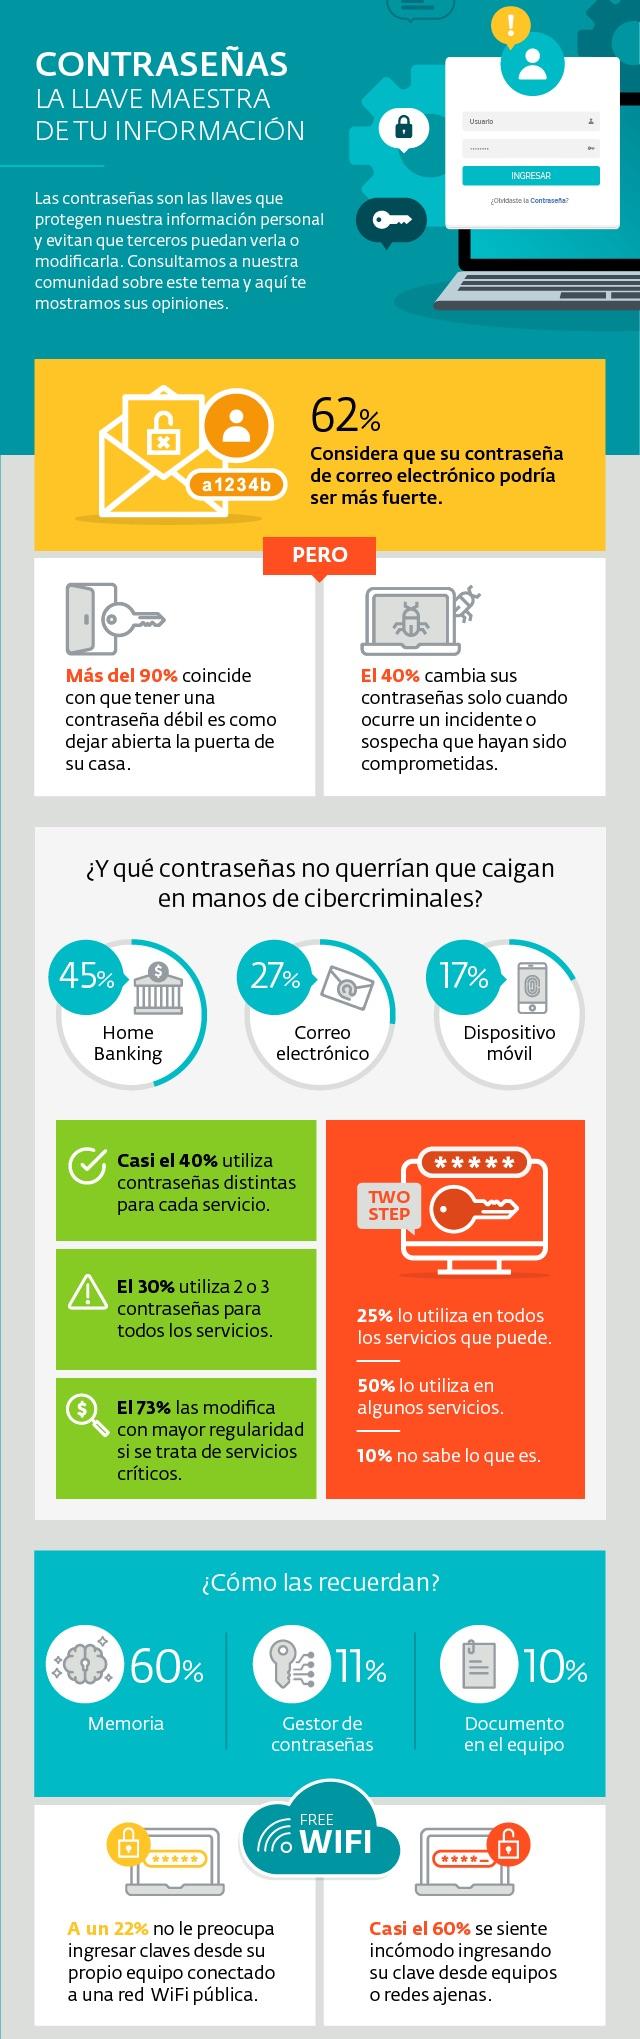 infografia-ESET-contrasenas